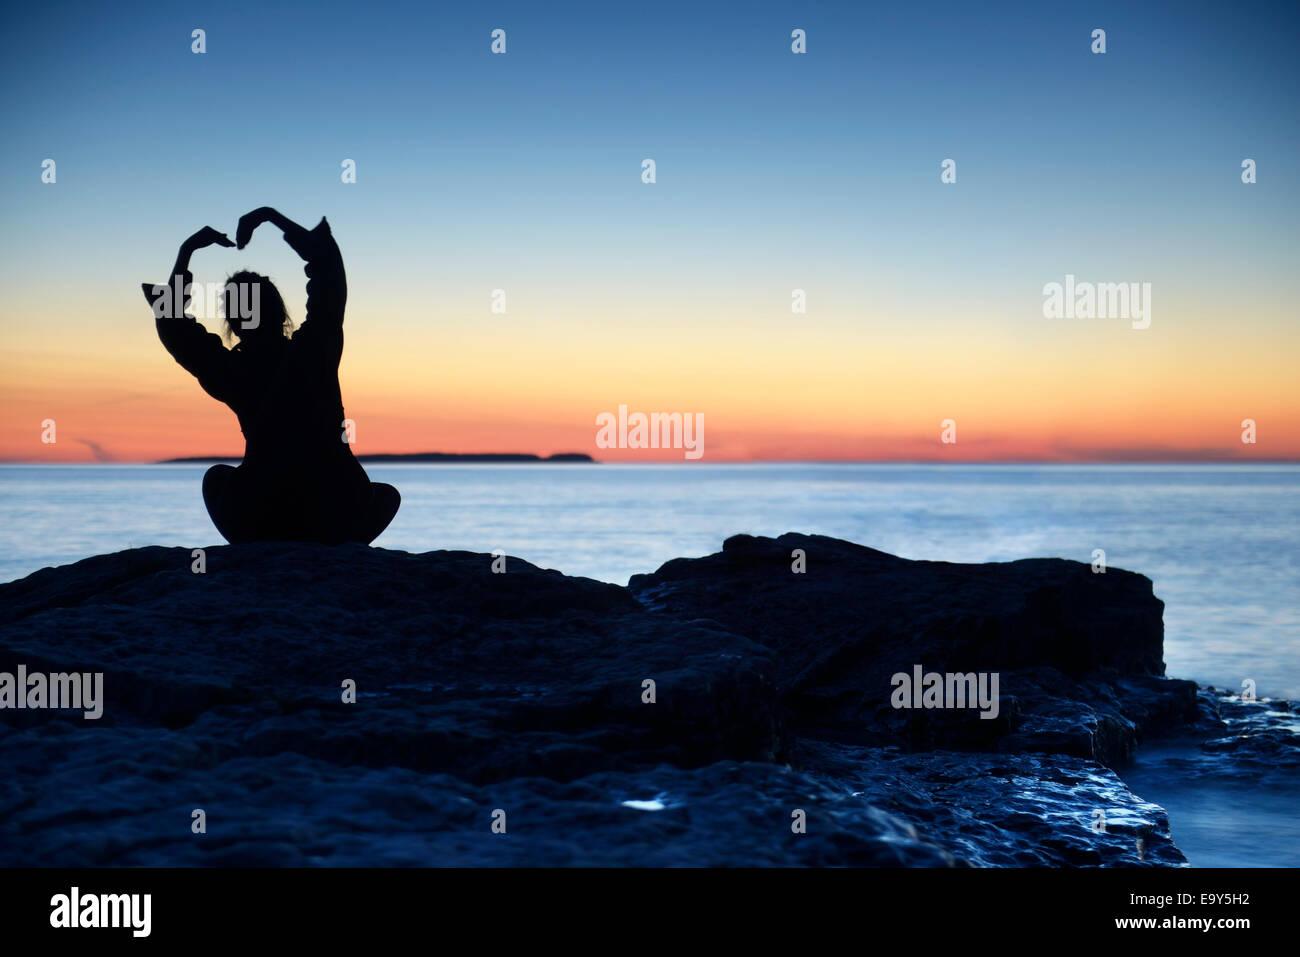 Silueta de una mujer sentada sola una orilla al atardecer con sus manos levantar en forma de flor por encima de Foto de stock